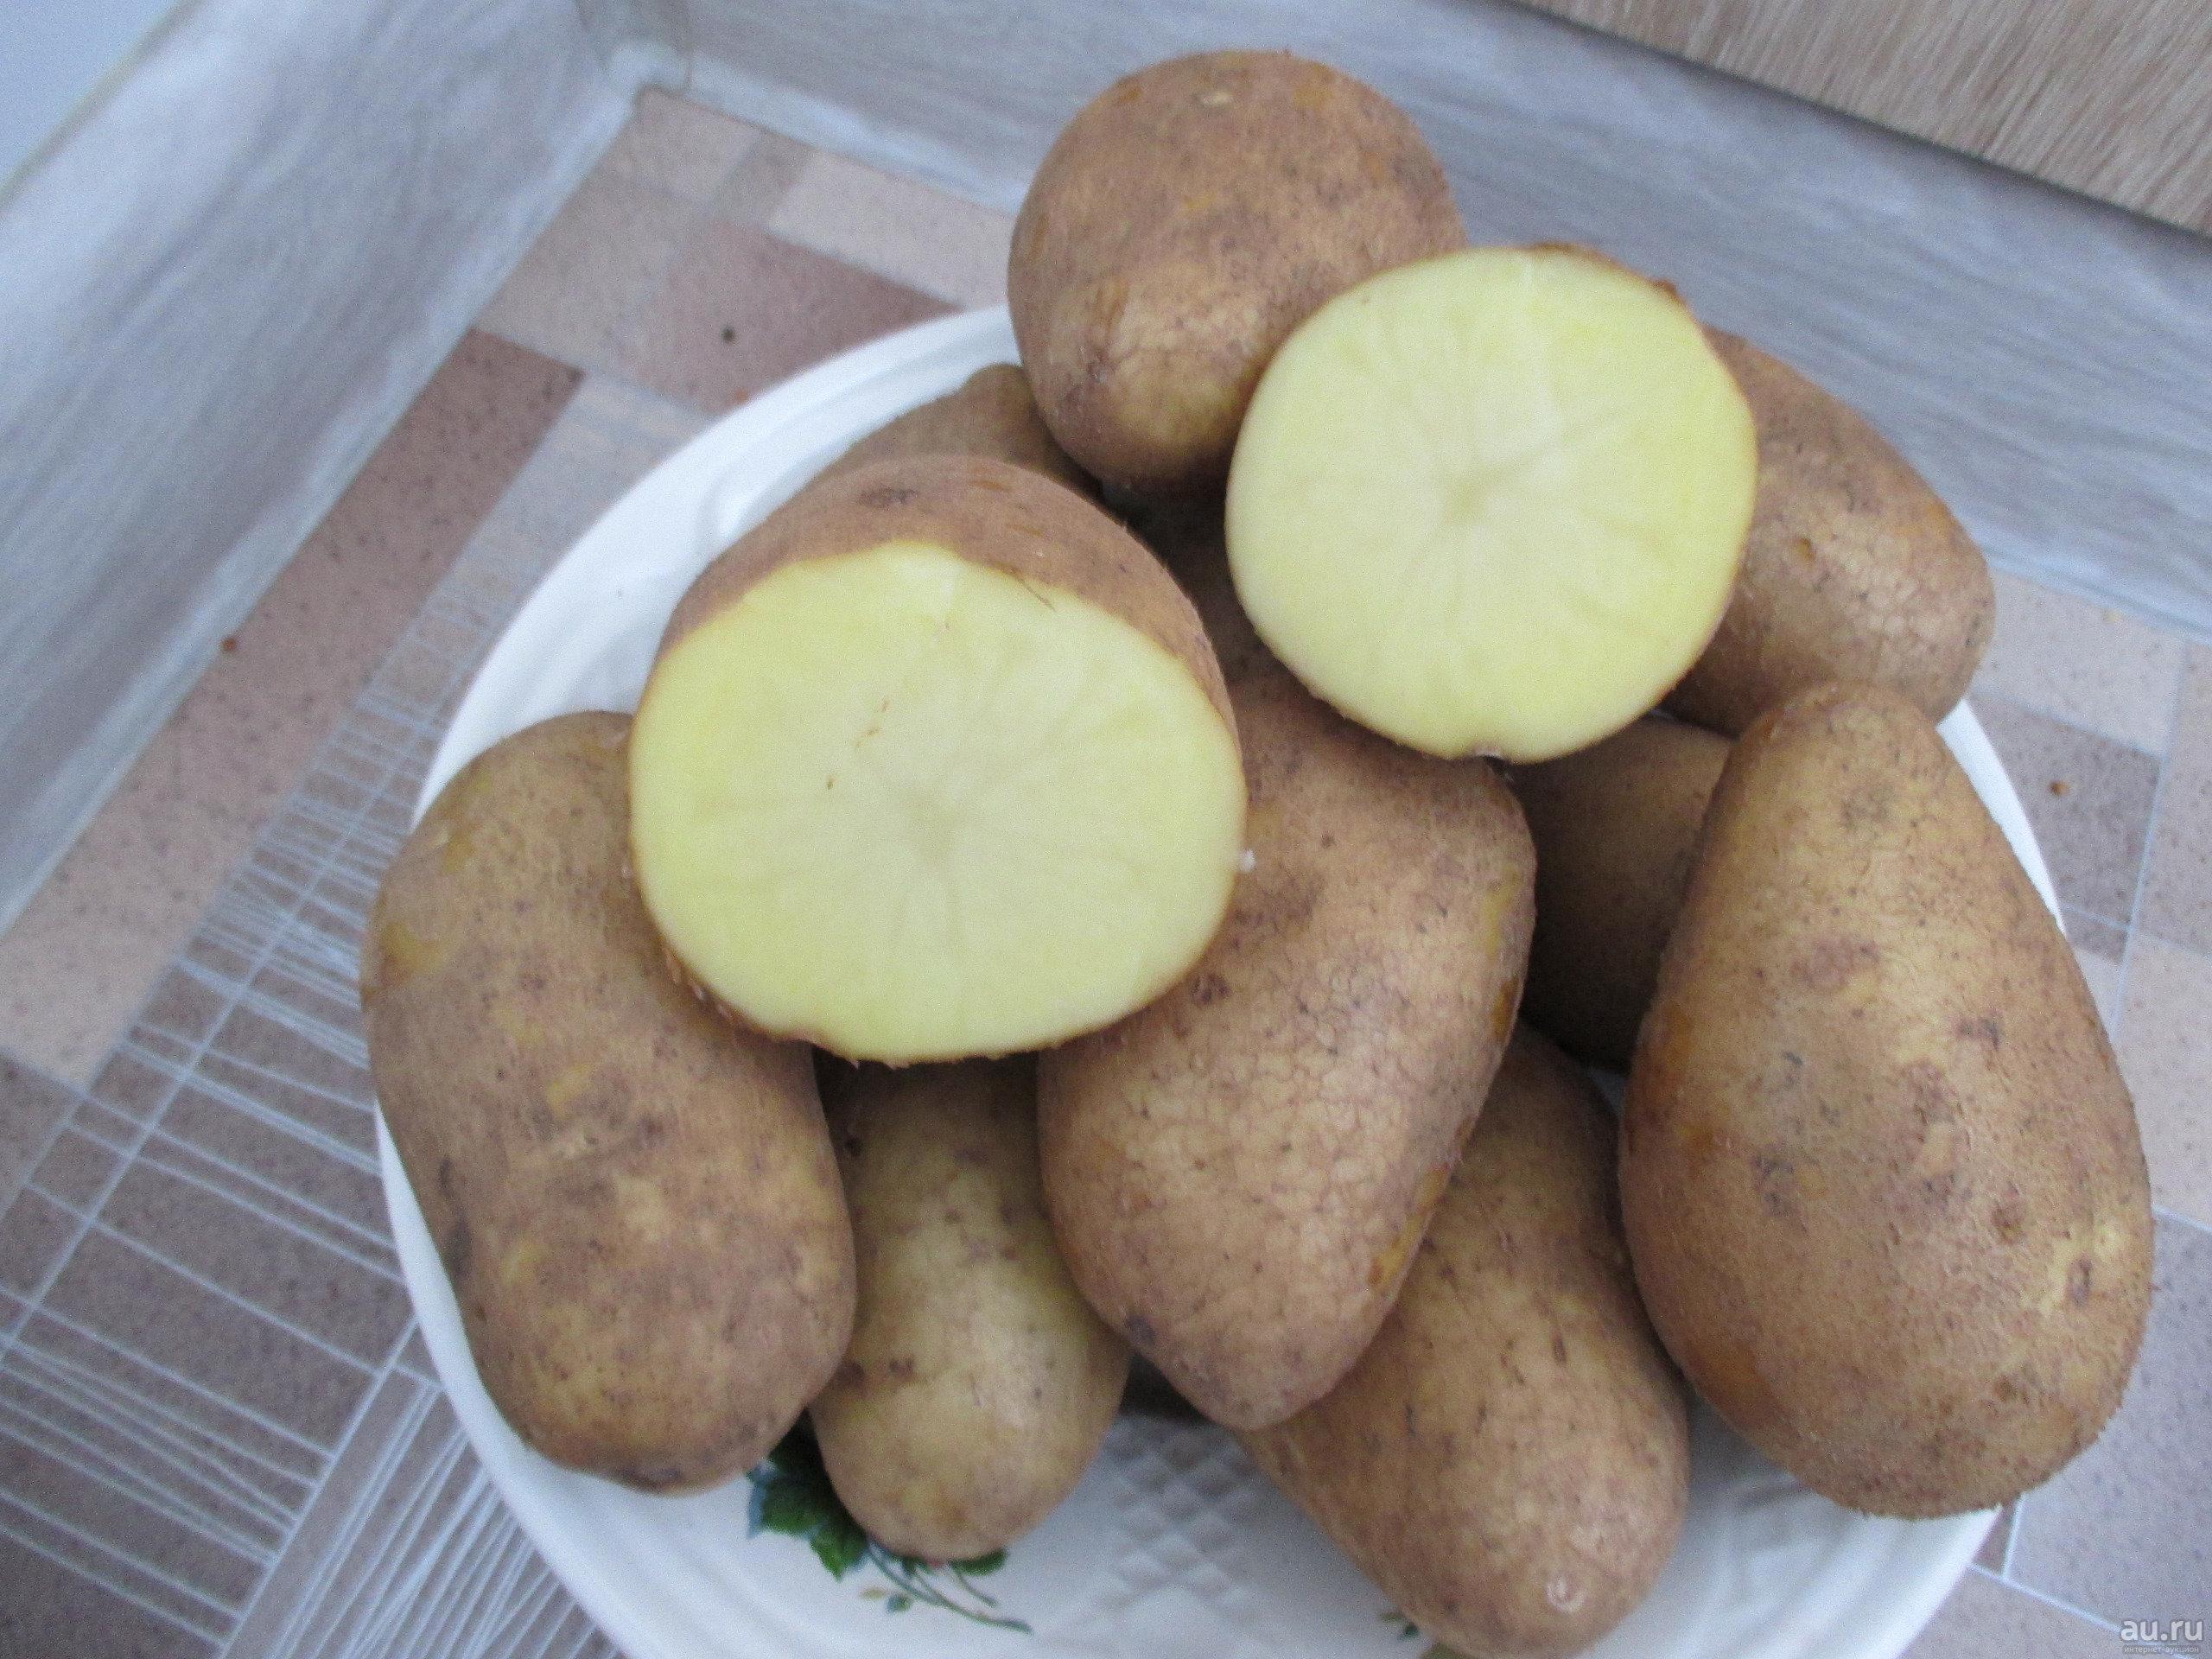 Обзор характеристик и описание сорта картофеля голубизна, выращивание и уход